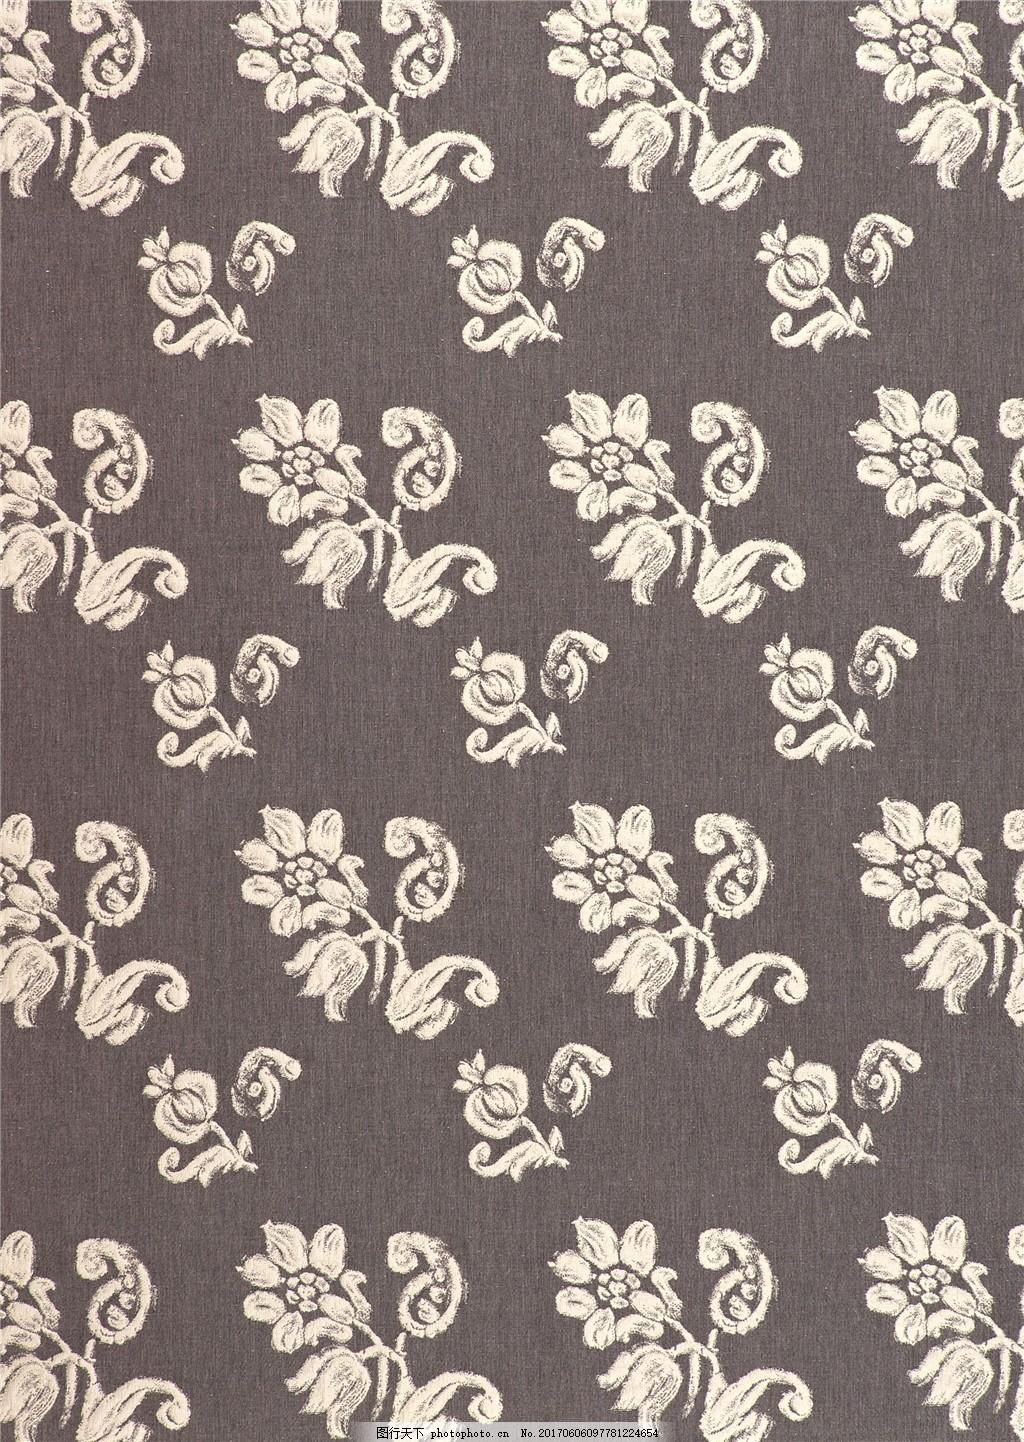 白色花纹布艺壁纸图片